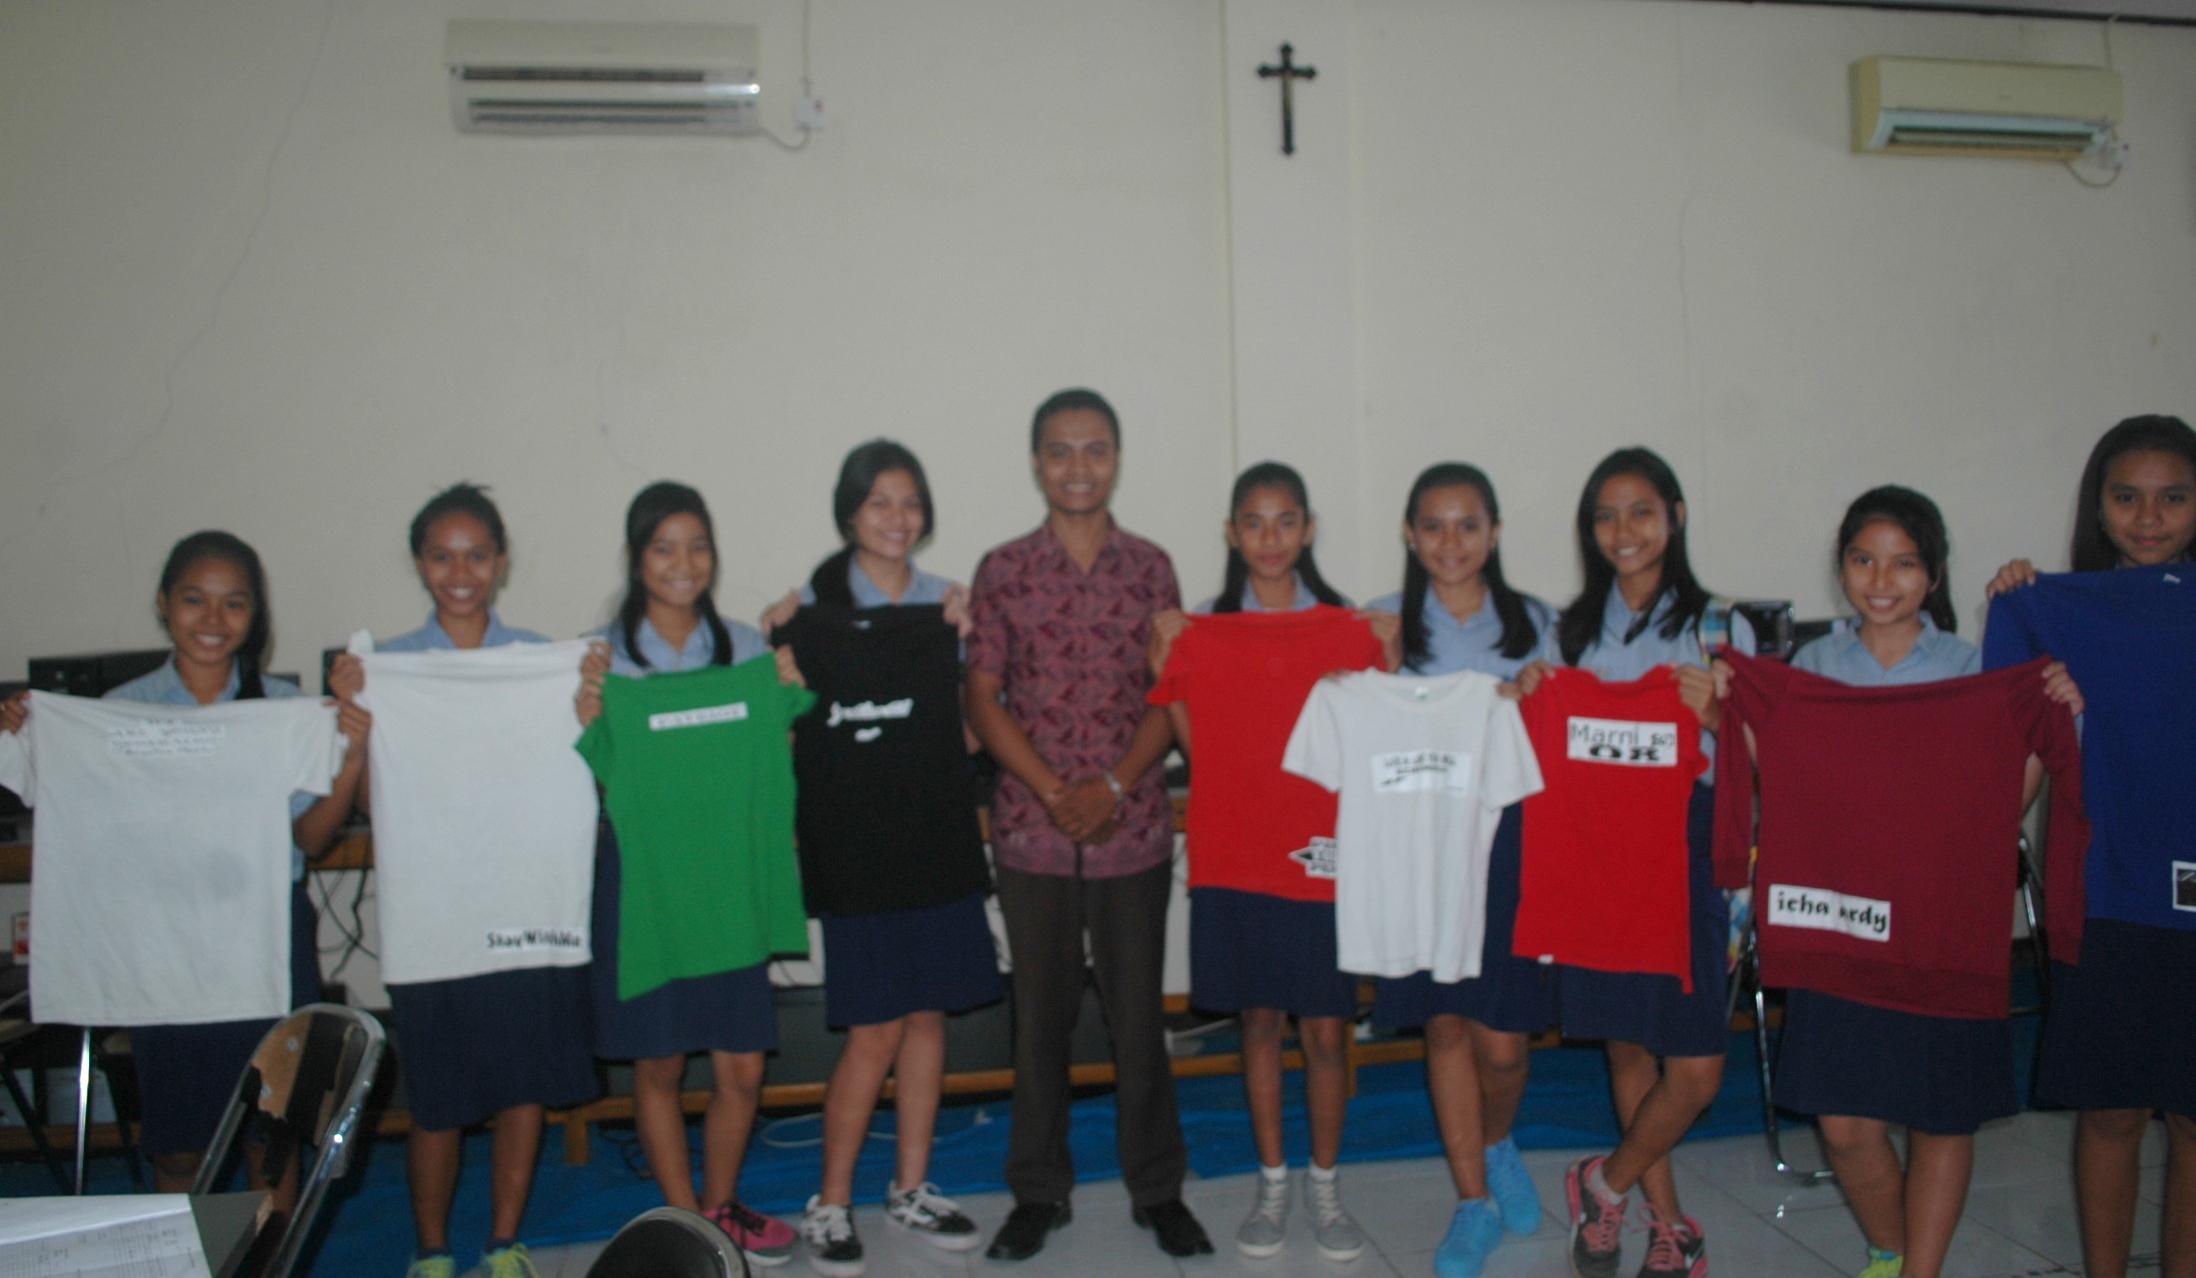 Siswa-Siswi SMPK Giovanni Kupang memamerkan hasil sablon kausnya.